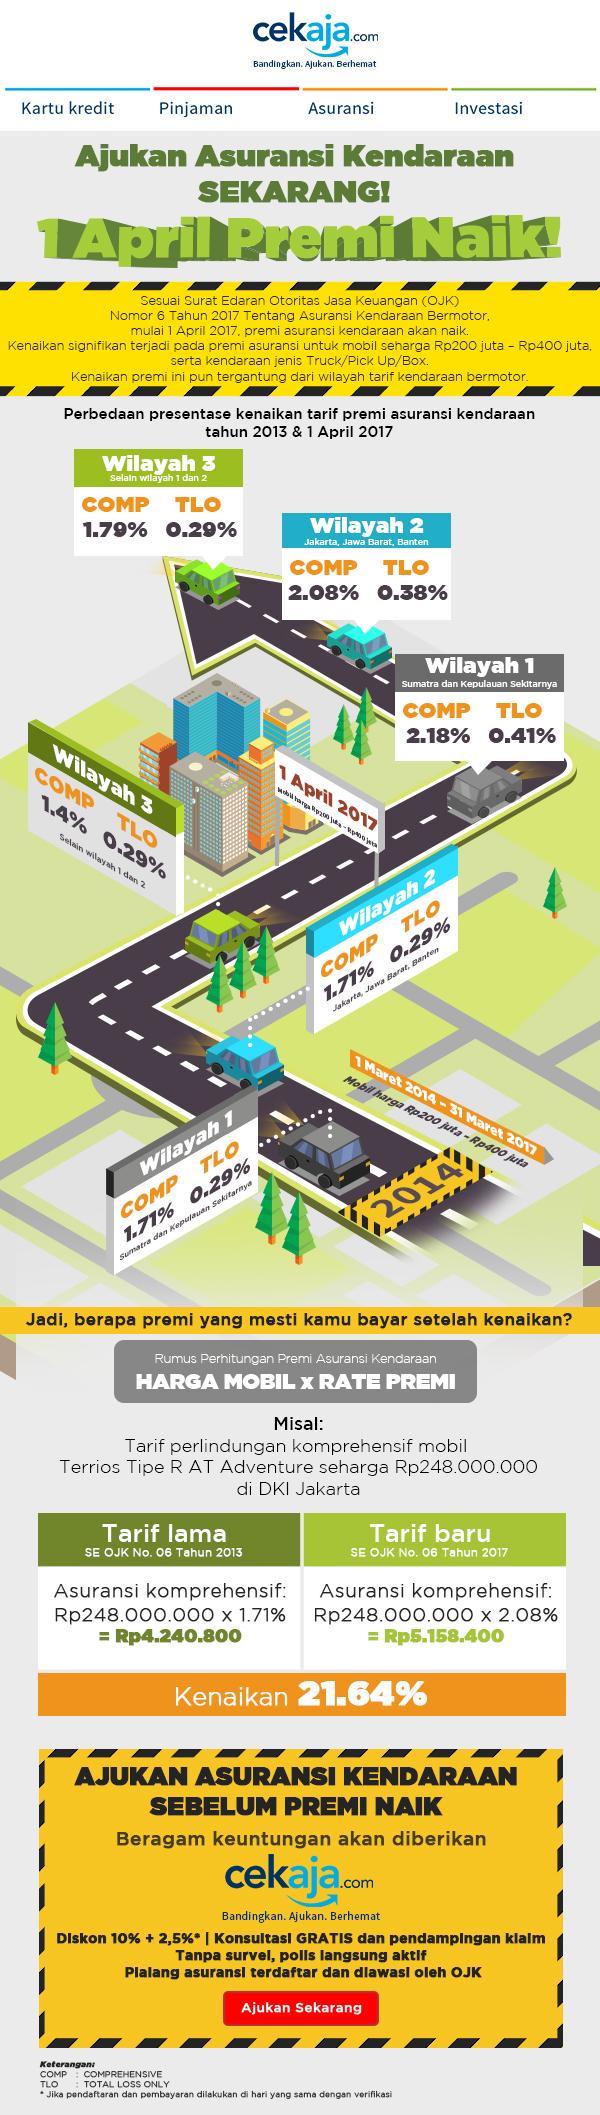 infografis kenaikan premi asuransi kendaraan 2017 - CekAja.com